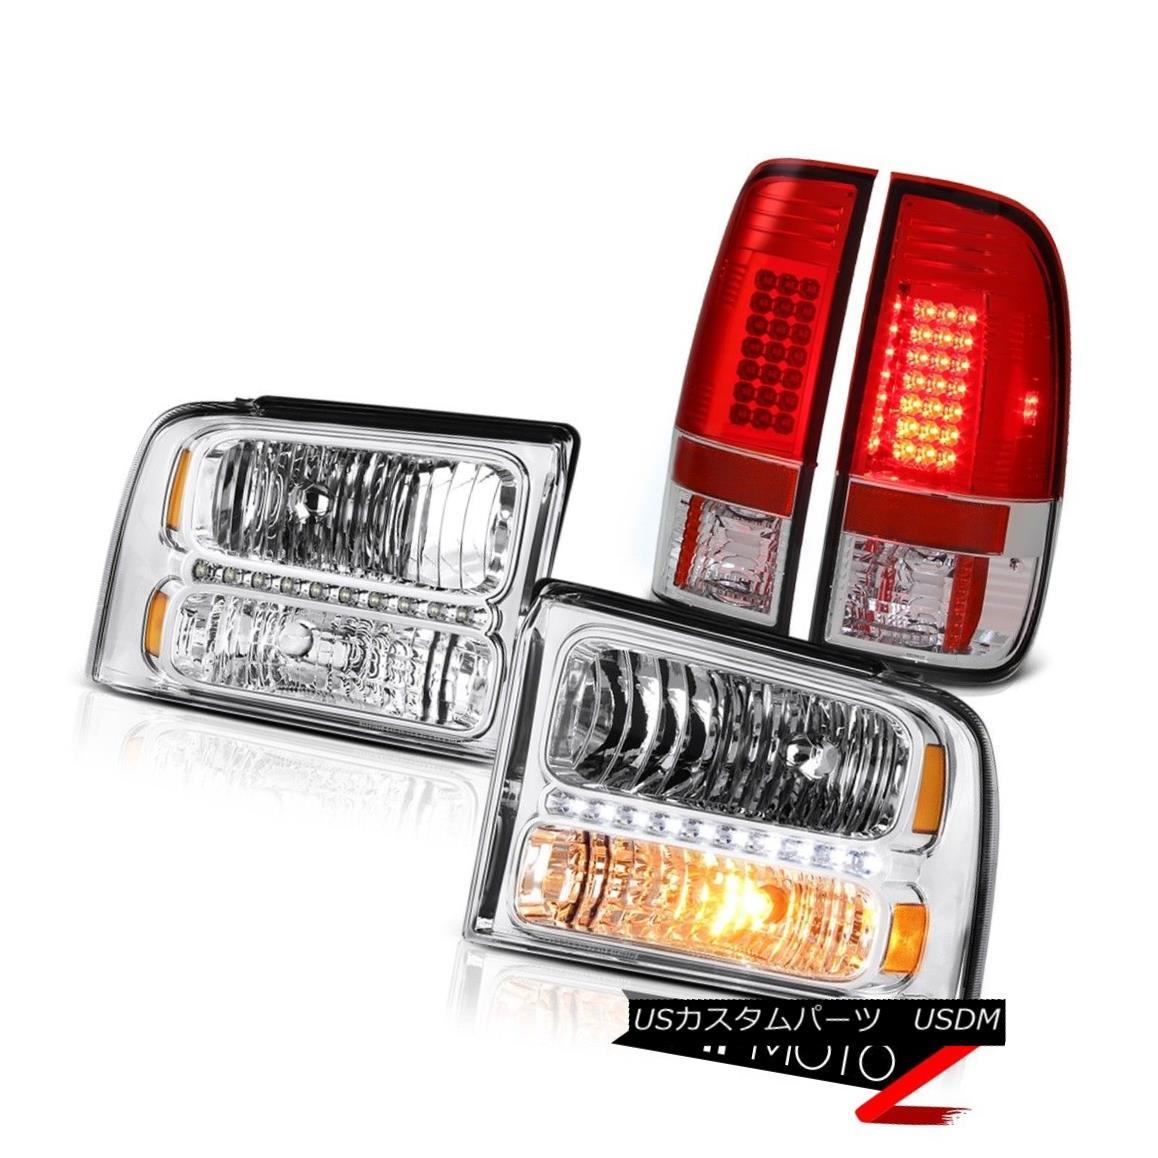 テールライト Crystal Clear Headlight LED Bulb Brake Tail Light 2005 2006 2007 F250 King Ranch クリスタルクリアヘッドライトLED電球ブレーキテールライト2005 2006 2007 F250キングランチ